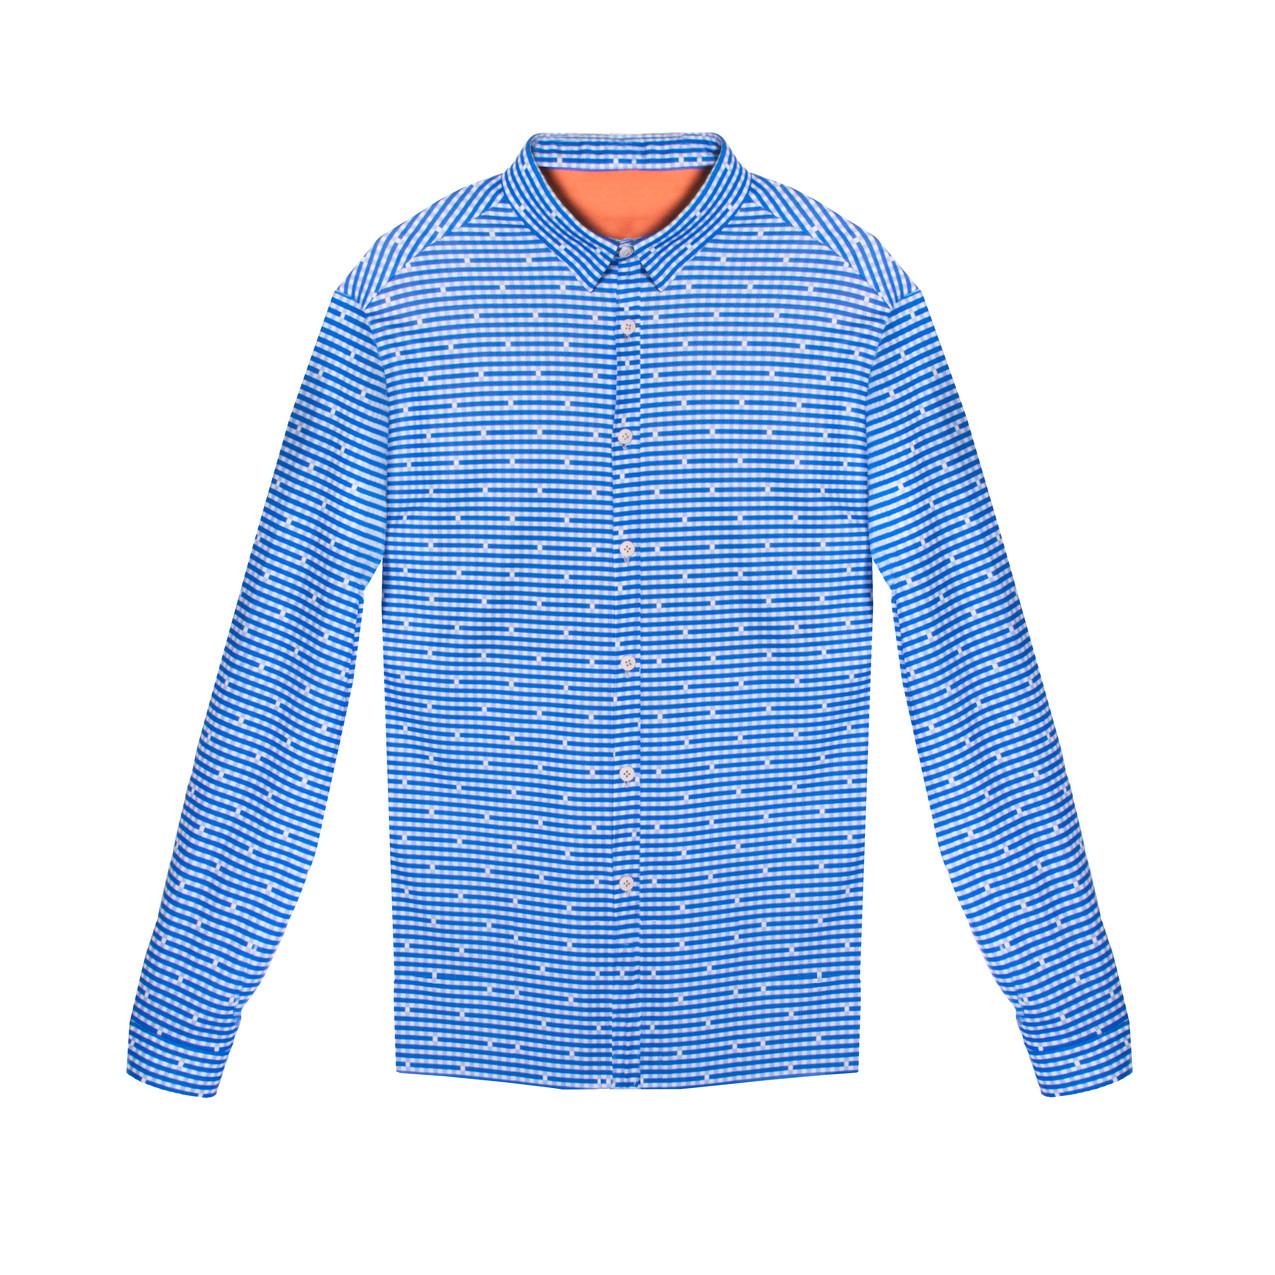 No se mancha, no huele, no se arruga, ¡es la camisa perfecta! En diferentes colores y estampados. Una marca de indumentaria inteligente producida en España de manera sostenible (79-84€)